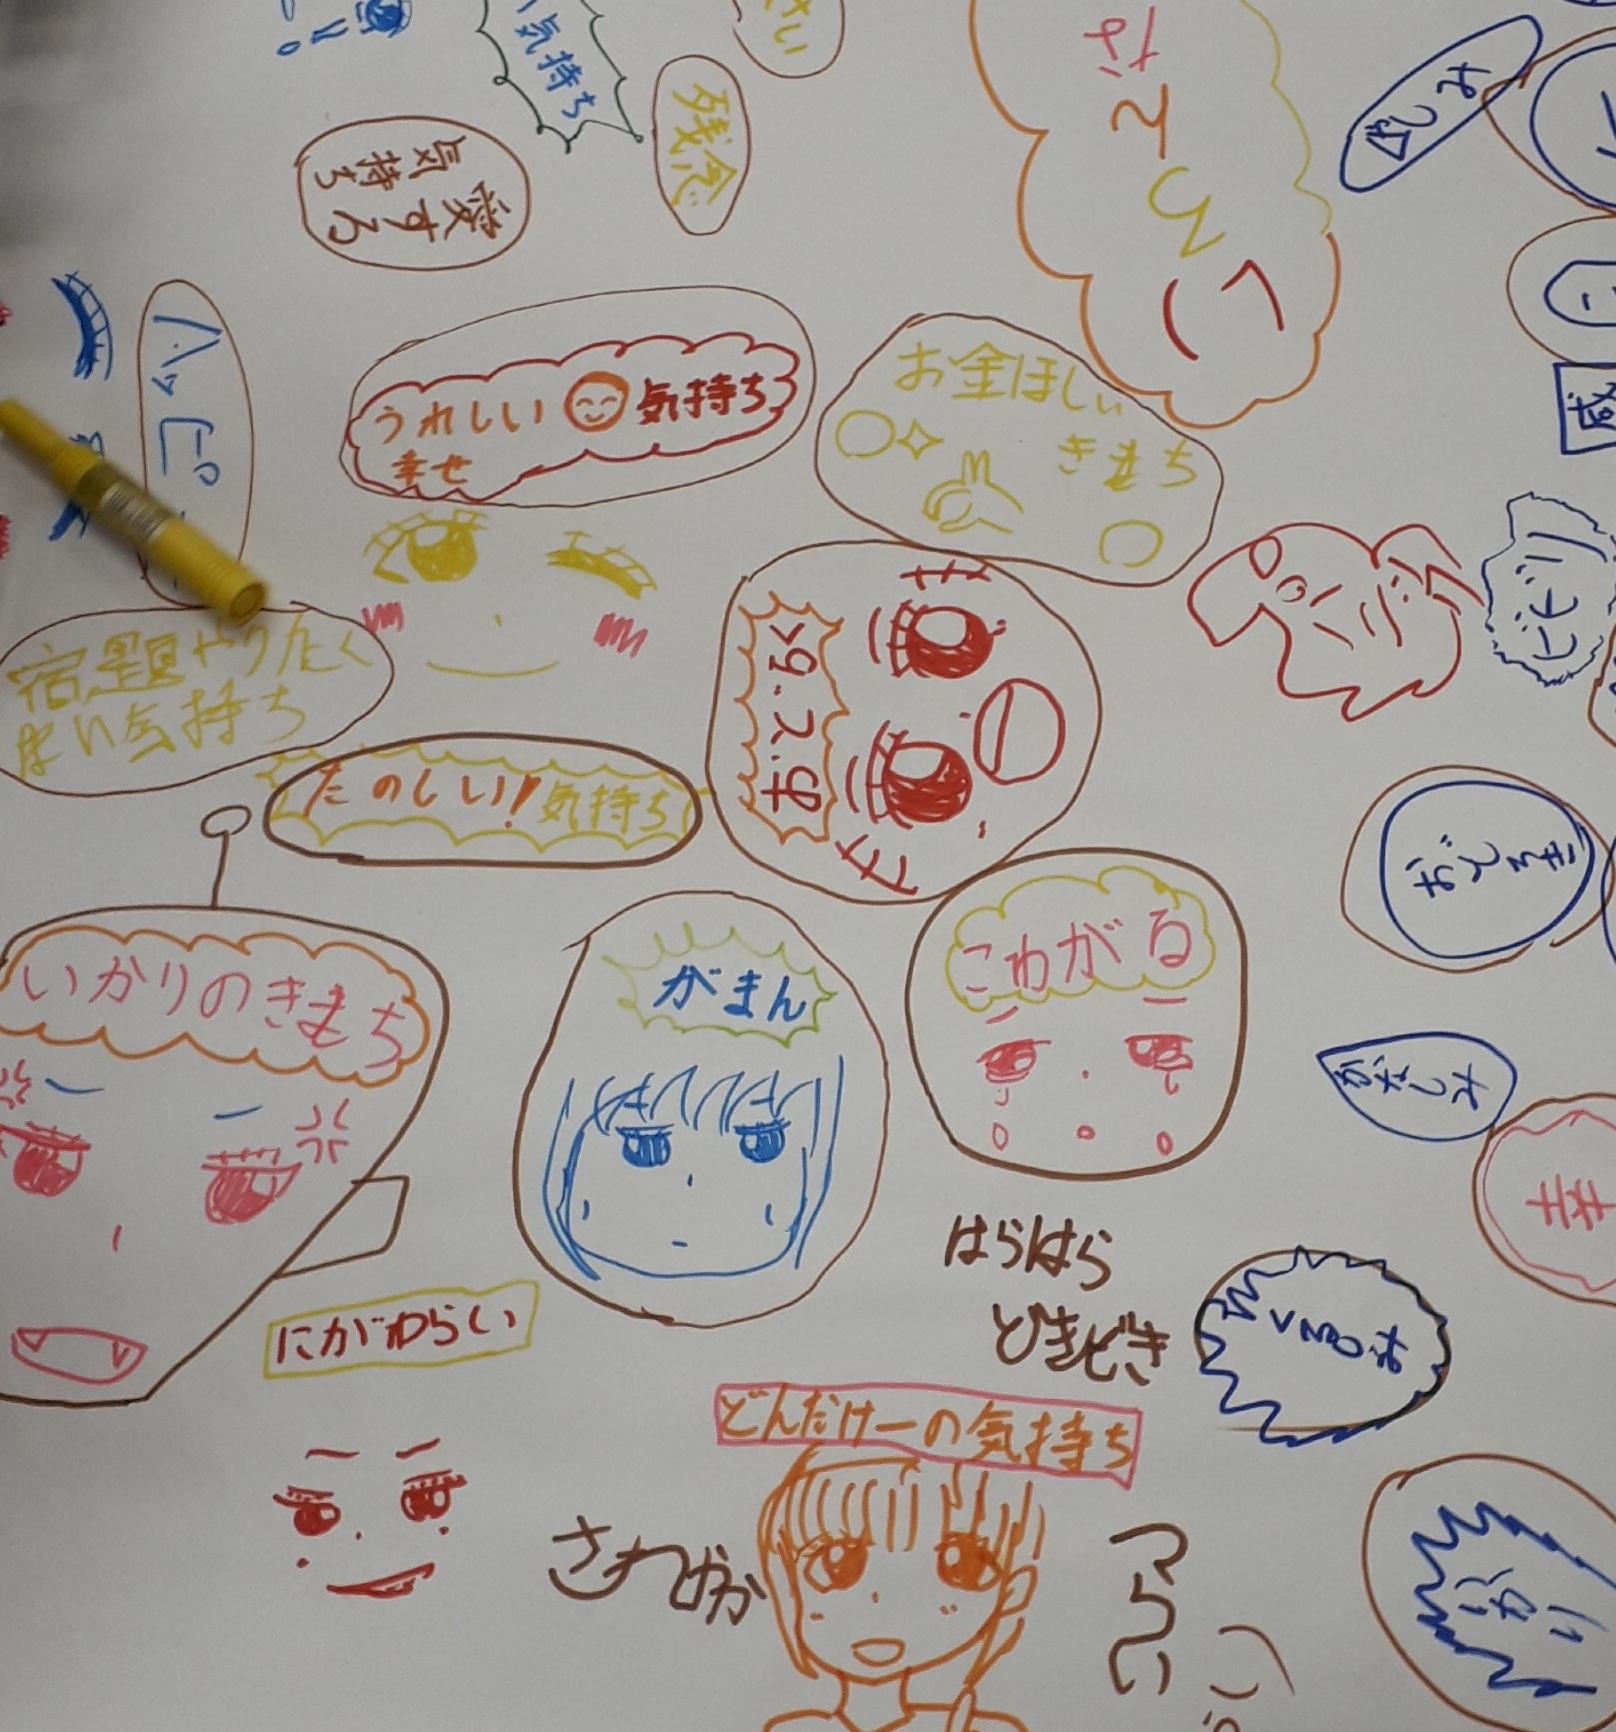 moblog_347d523f.jpg